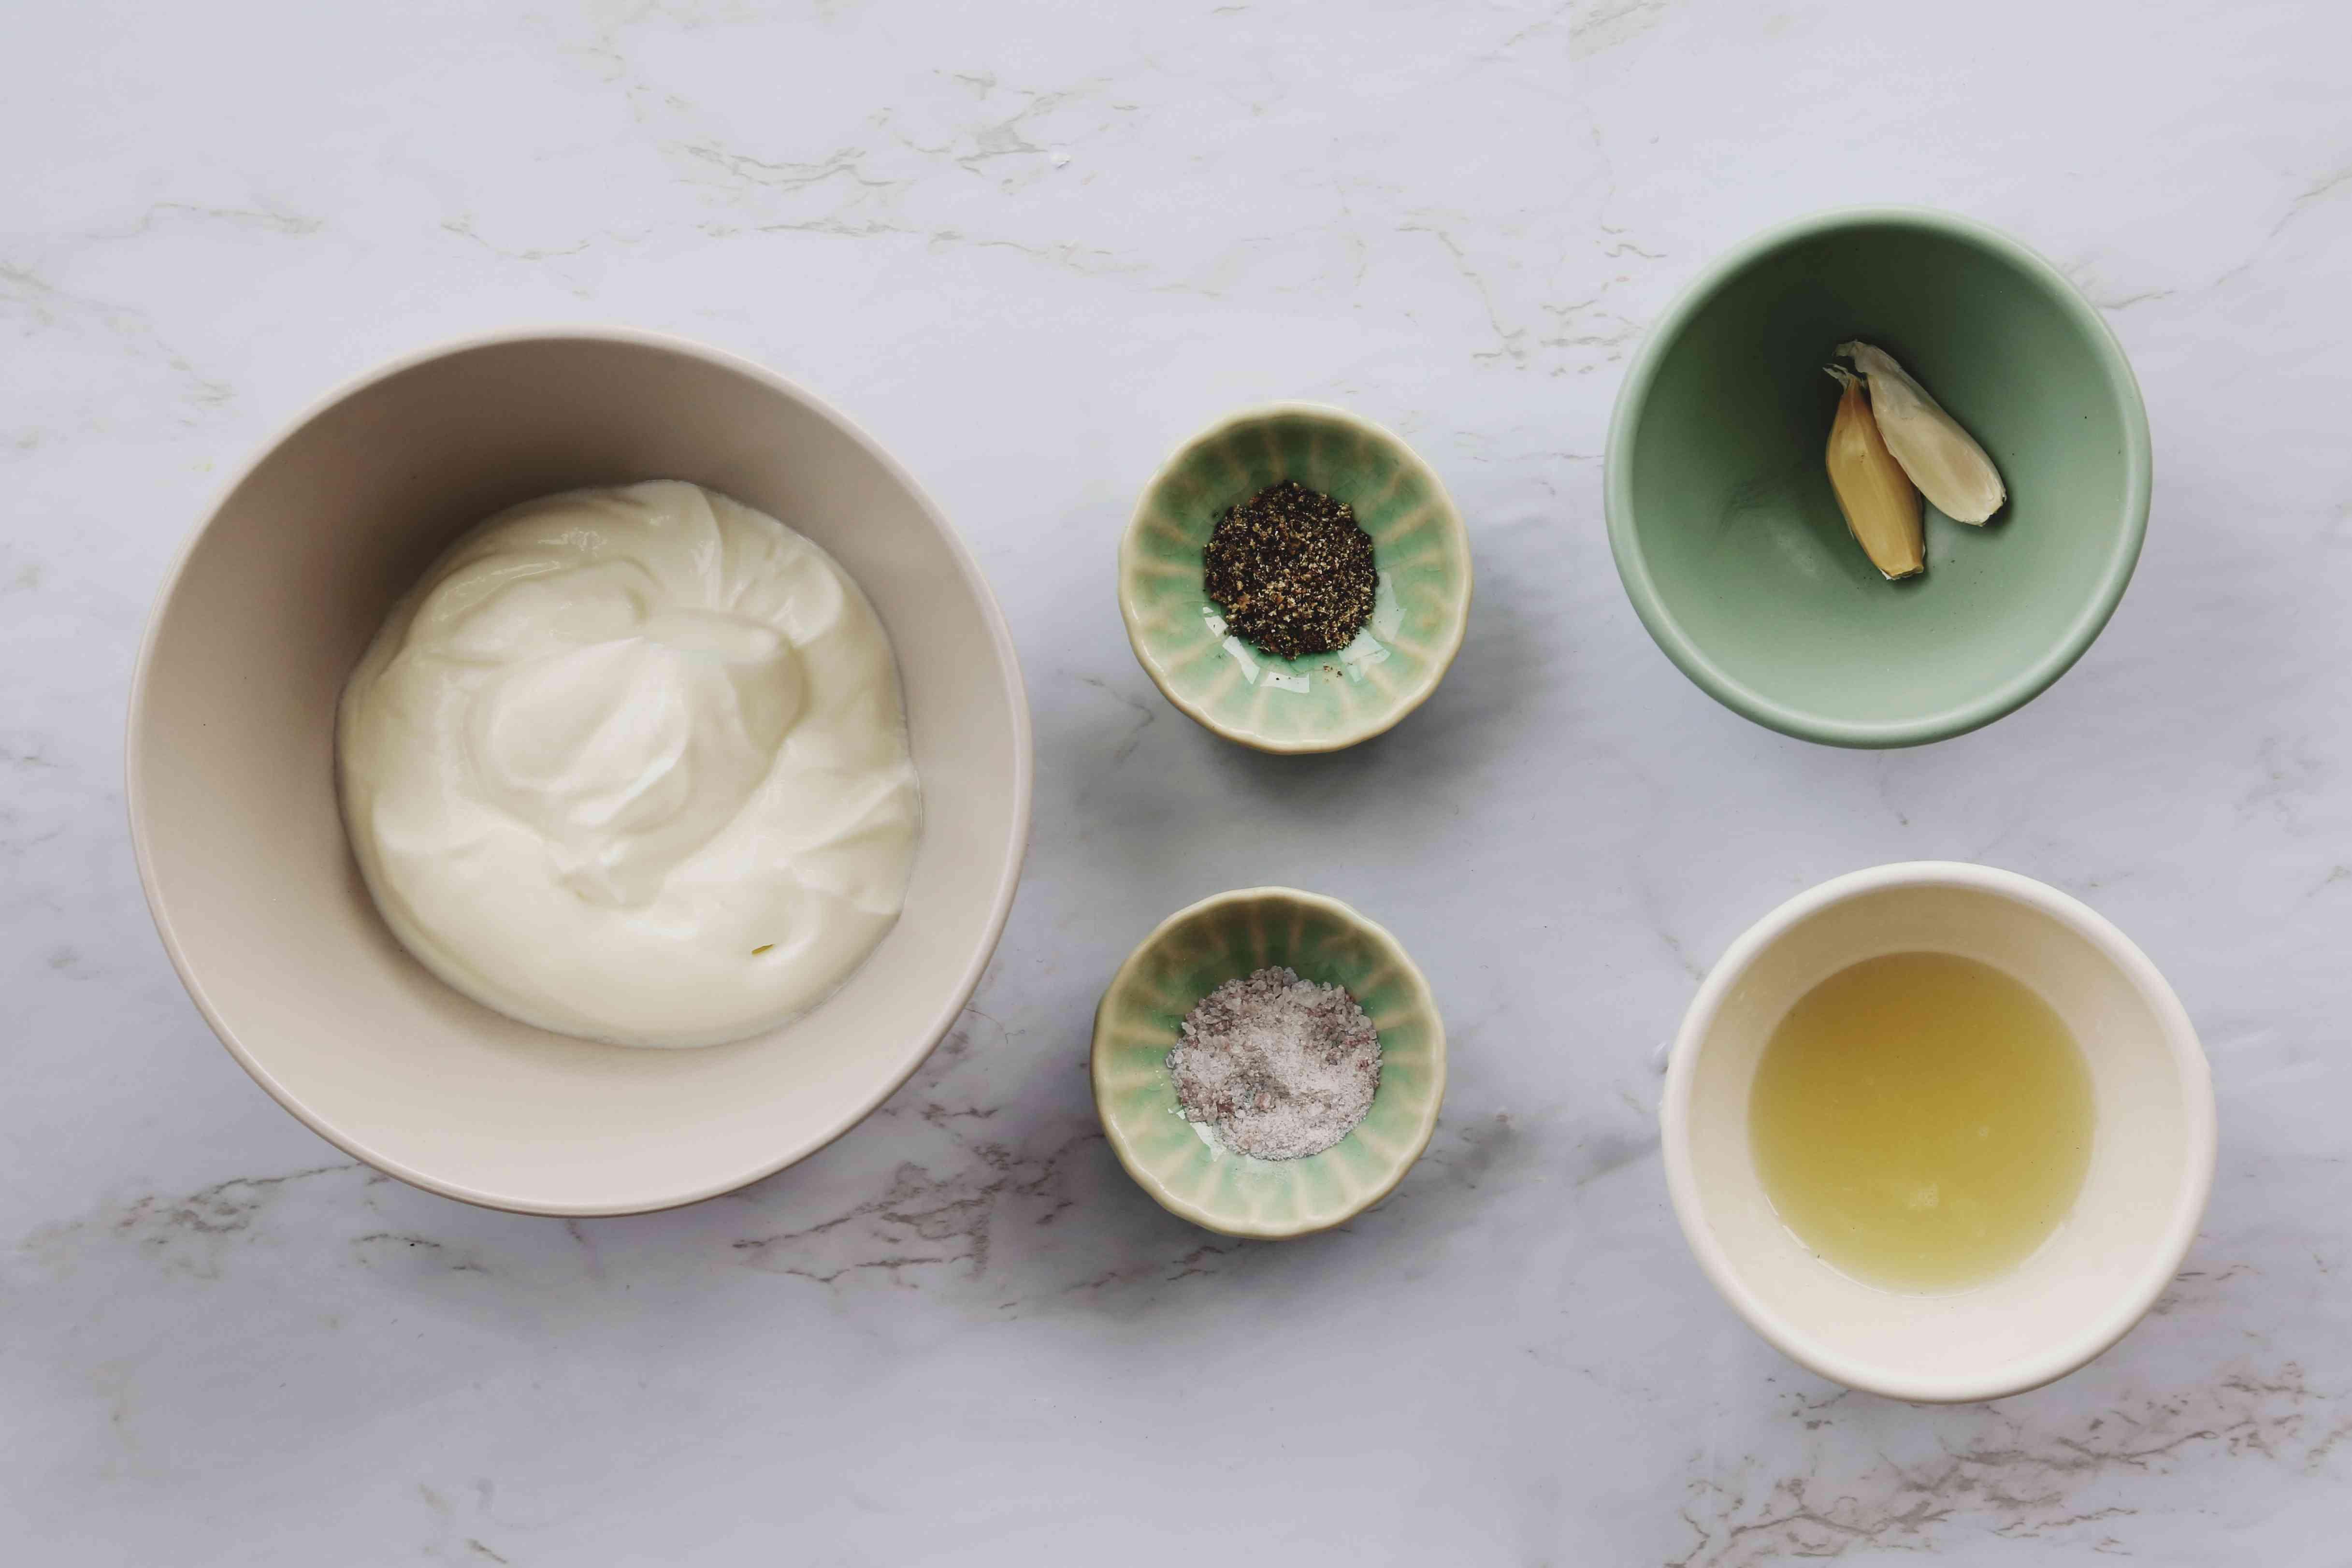 Garlic Yogurt Salad Dressing ingredients